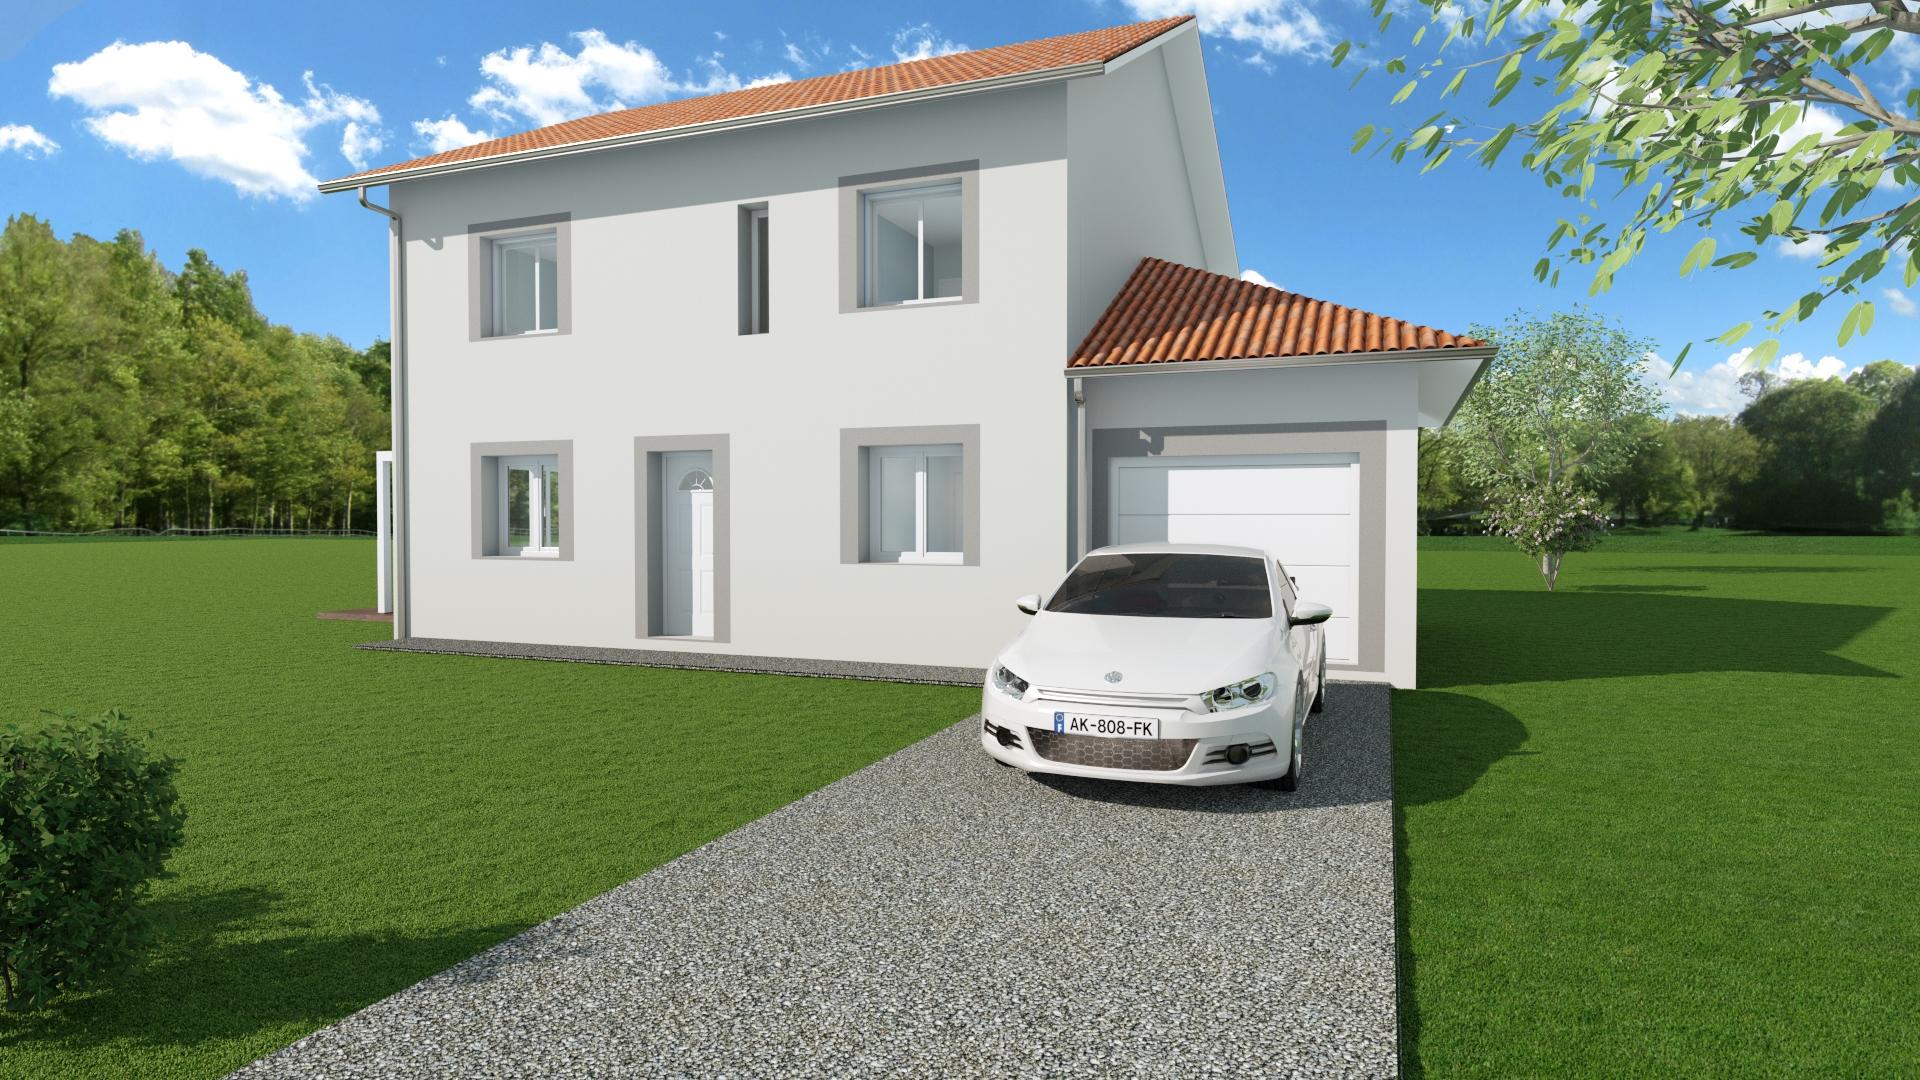 Maisons du constructeur MODULHABITAT - ANNECY • 100 m² • AIX LES BAINS